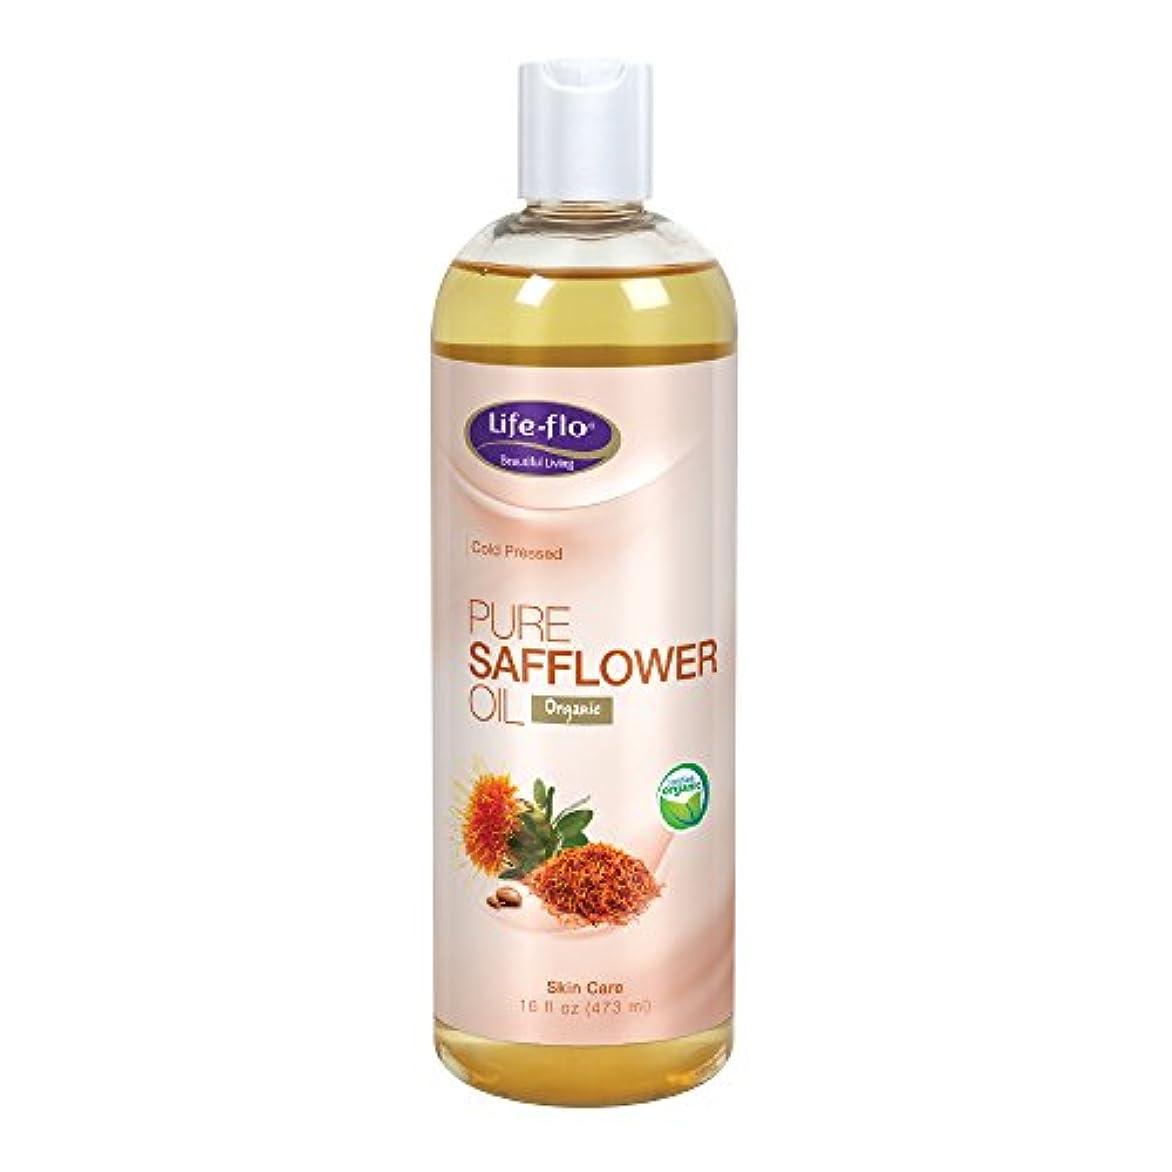 ヨーロッパ人に関する限り妨げるLife Flo Health, Pure Safflower Oil, Skin Care, 16 fl oz (473 ml)